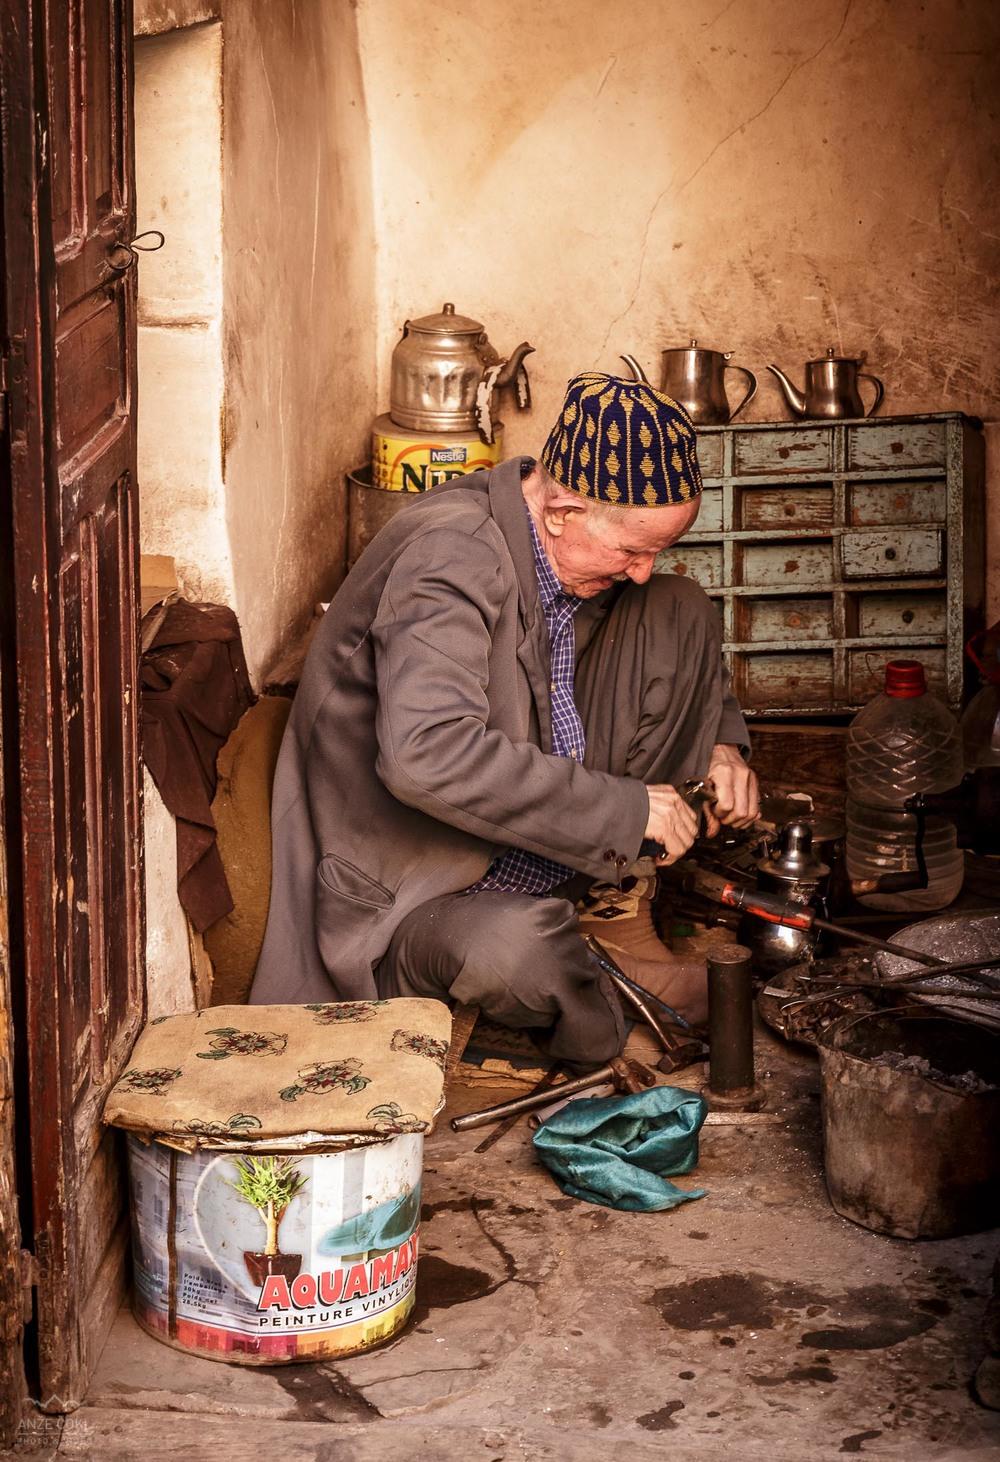 Starejši obrtnik v svoji delavnici.